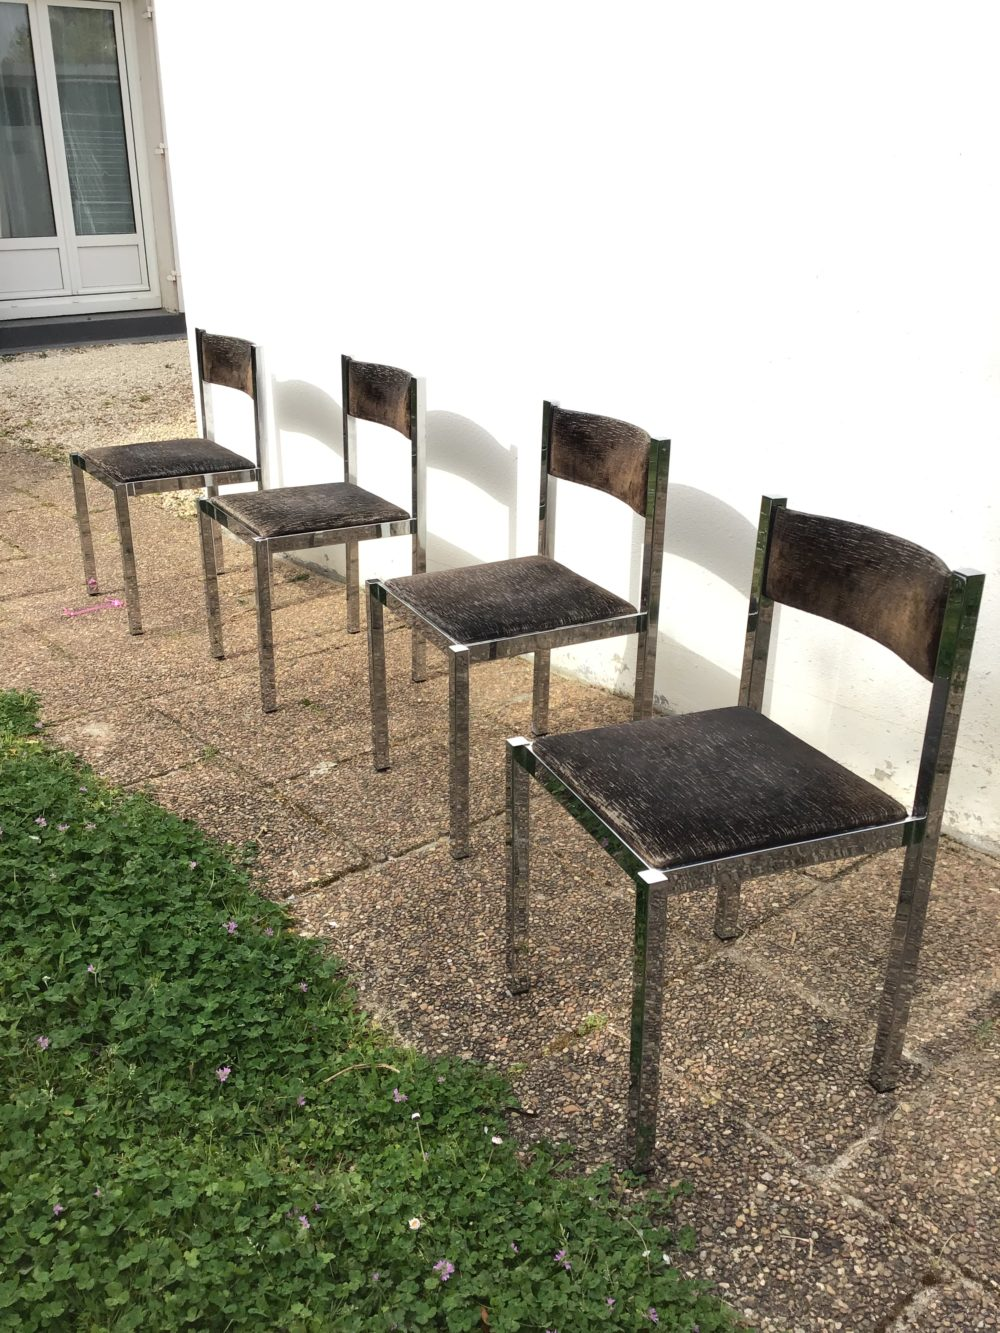 Chaises-italiennes-vintages-annees-70-metal-chrome-les-curiosites-d-emilie-1